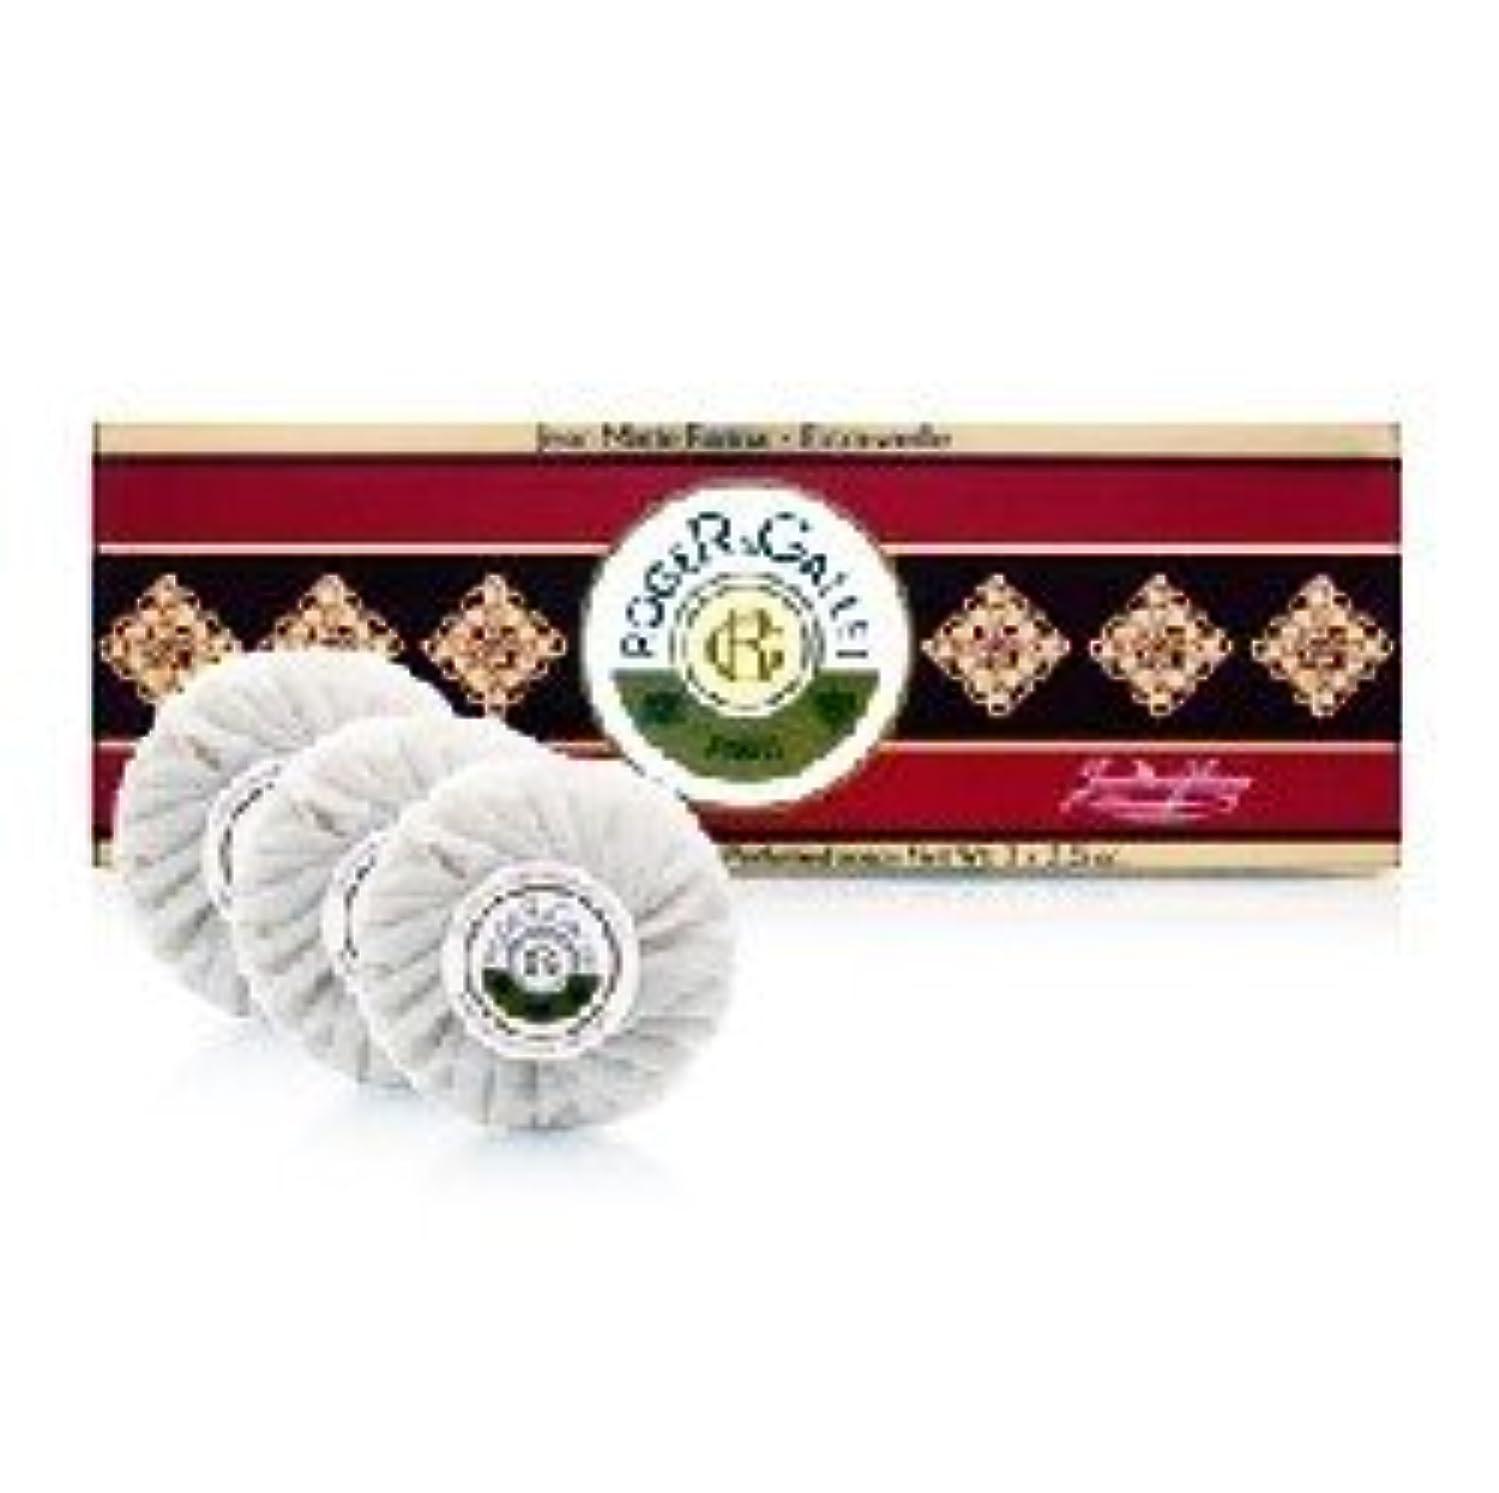 恐れるうそつき健康ロジェガレ ジャンマリーファリナ 香水石鹸3個セット ROGER&GALLET JEAN MARIE FARINA SOAP